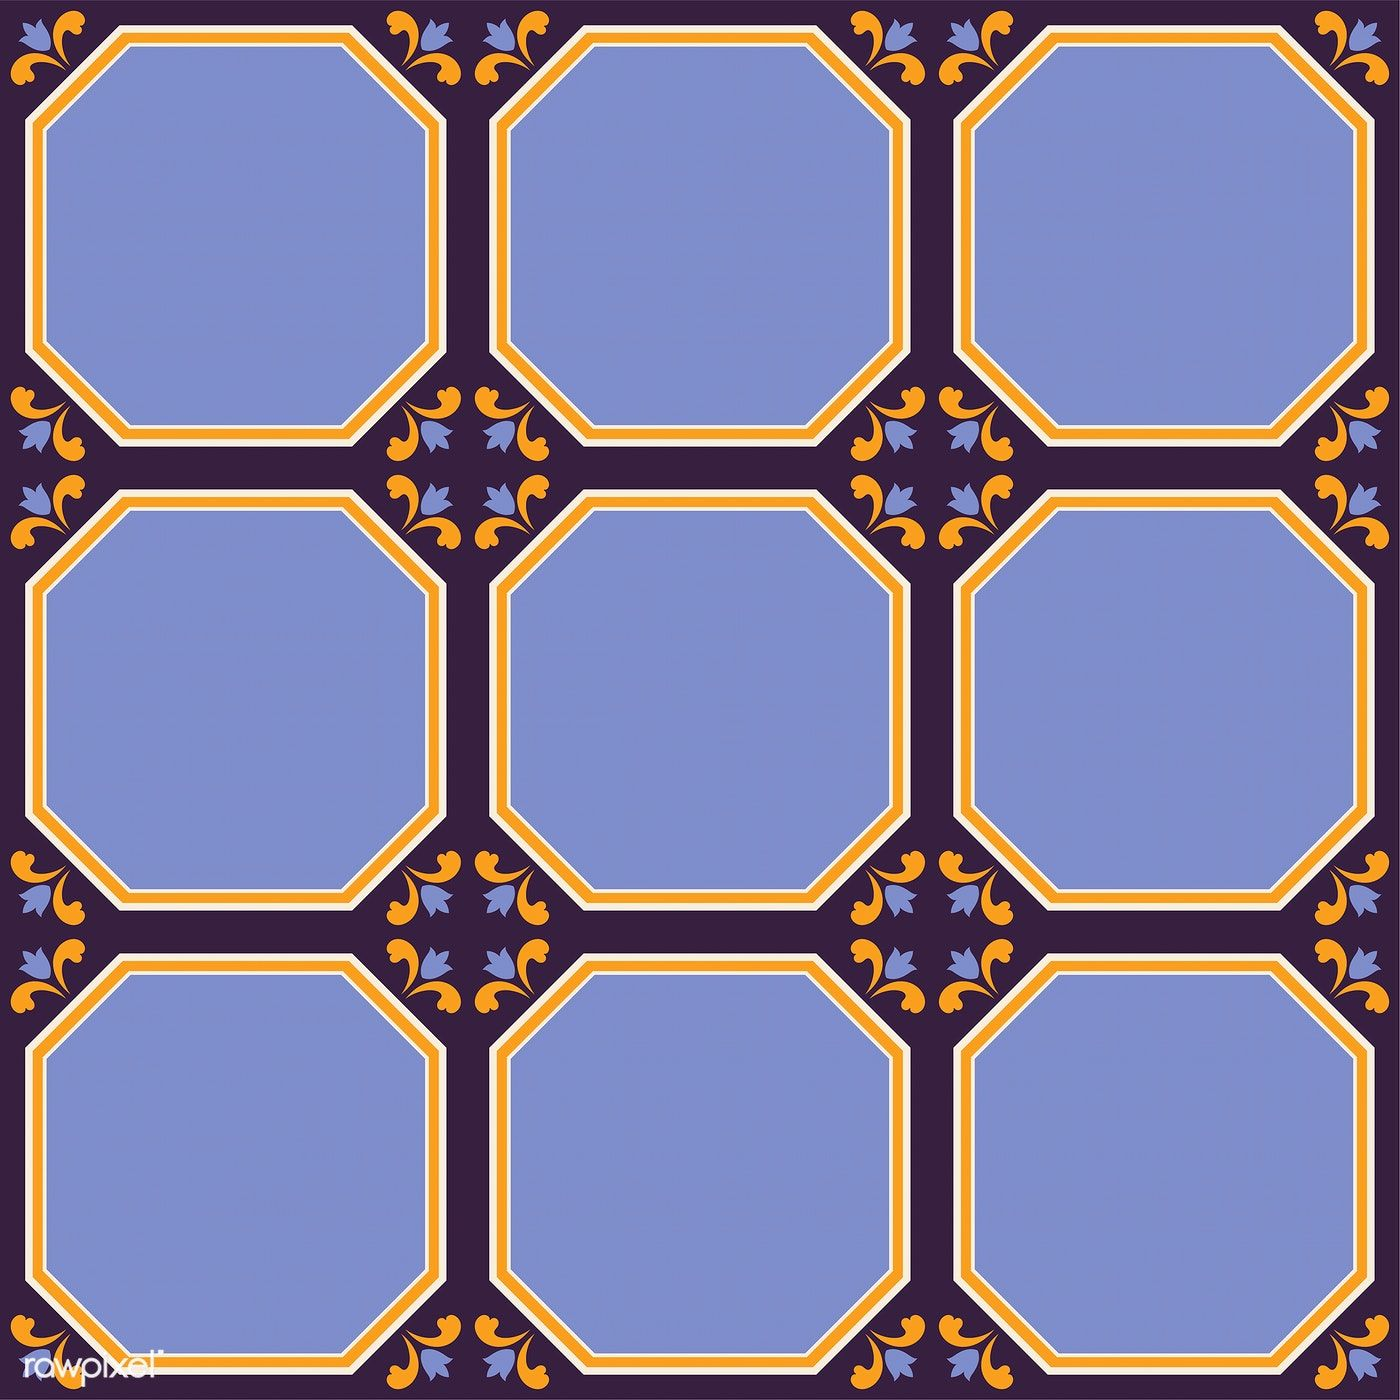 Ilration Of Tiles Textured Pattern